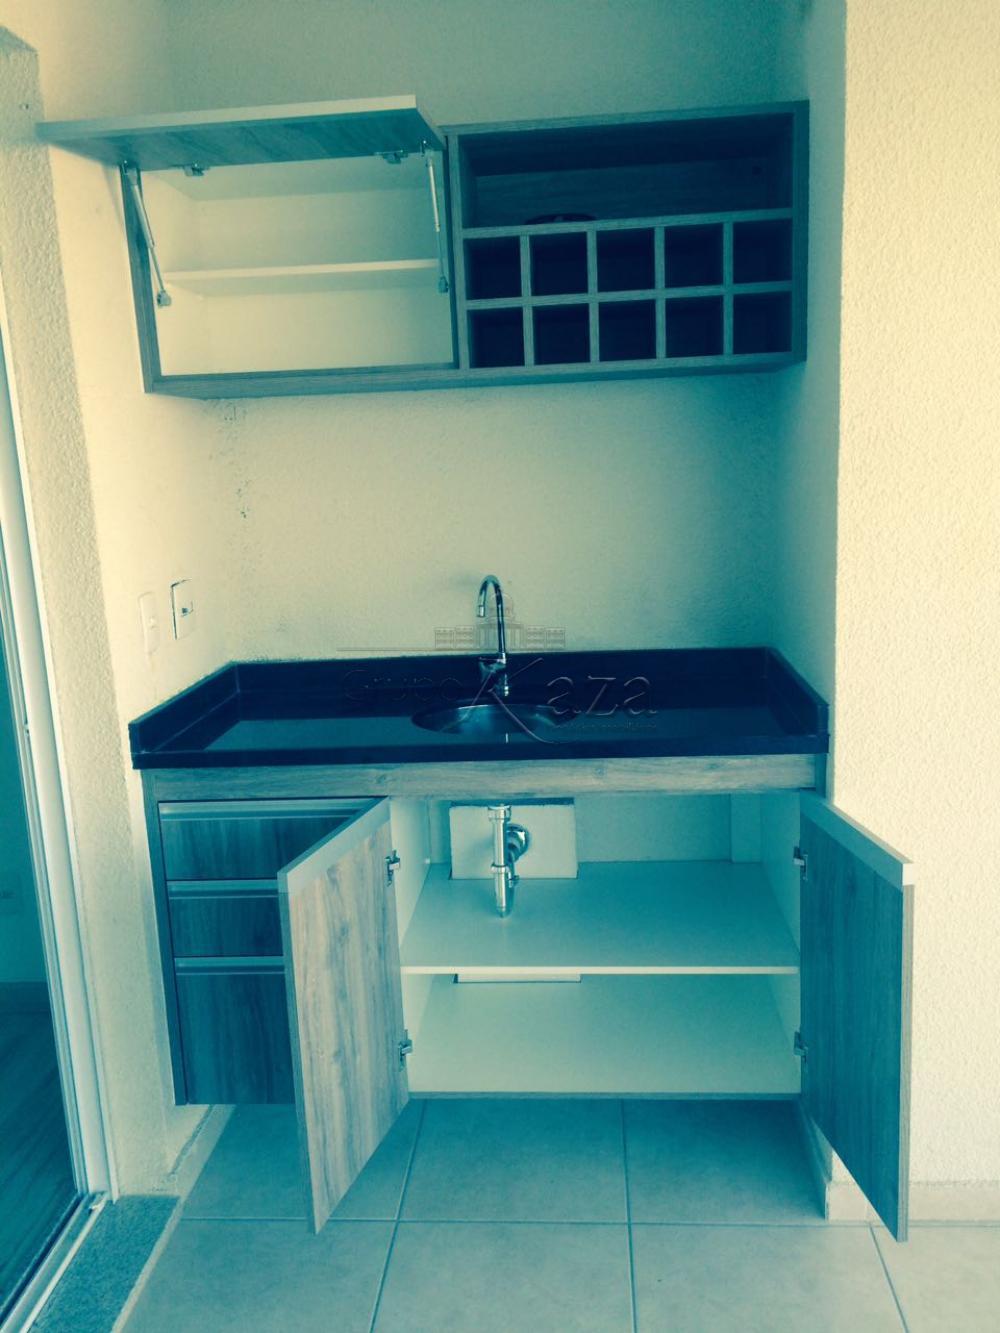 Alugar Apartamento / Padrão em São José dos Campos apenas R$ 1.300,00 - Foto 3